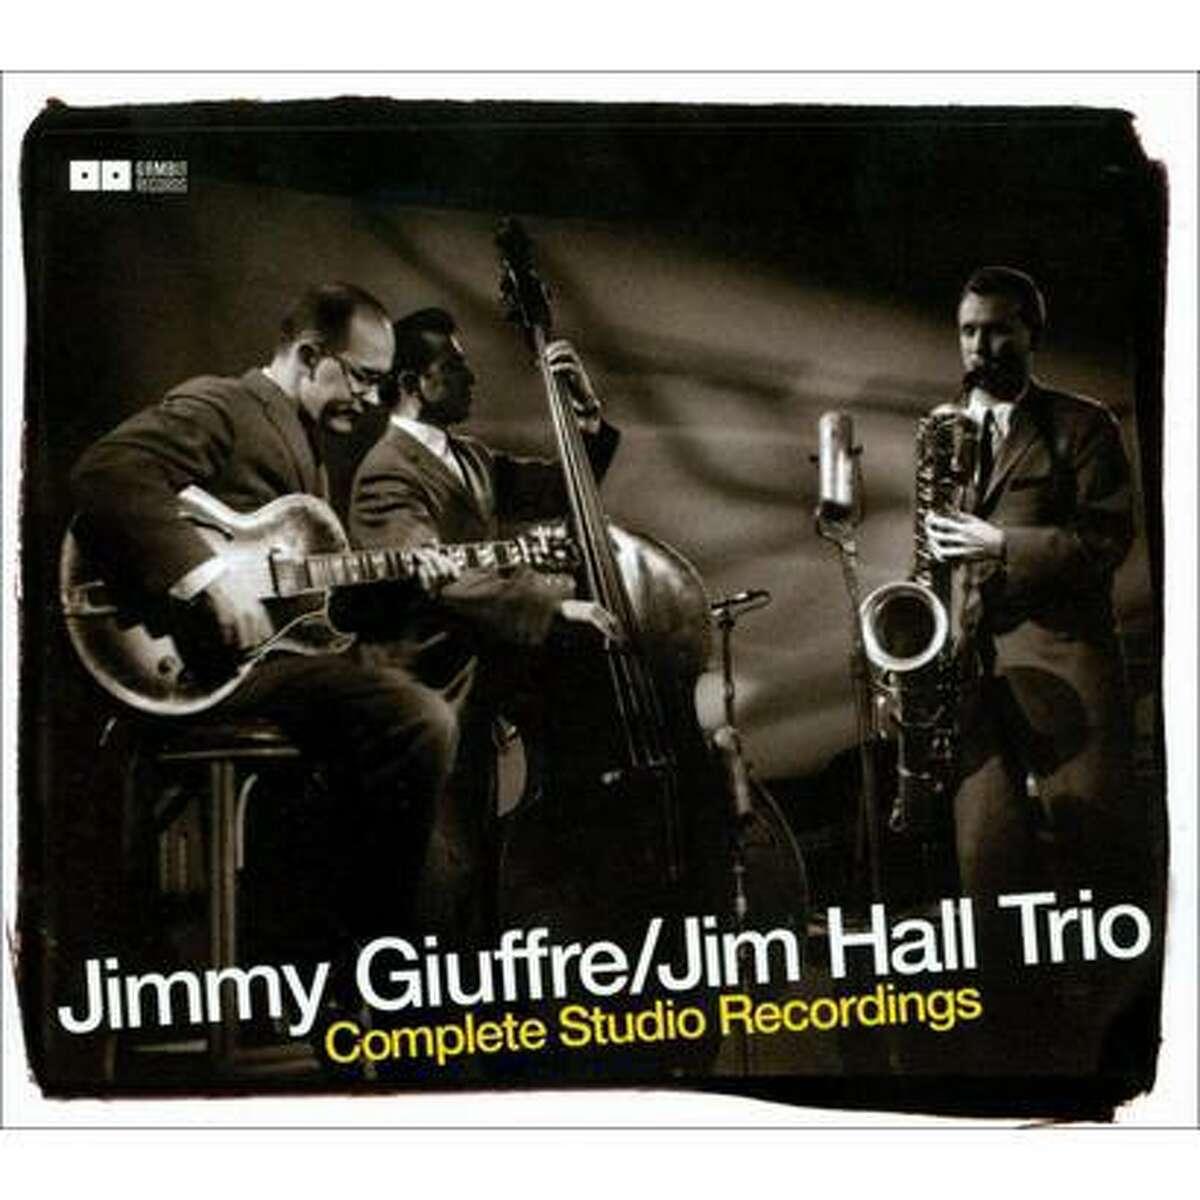 album cover for the Jimmy Giuffre Jim Hall Trio album The Complete Recordings